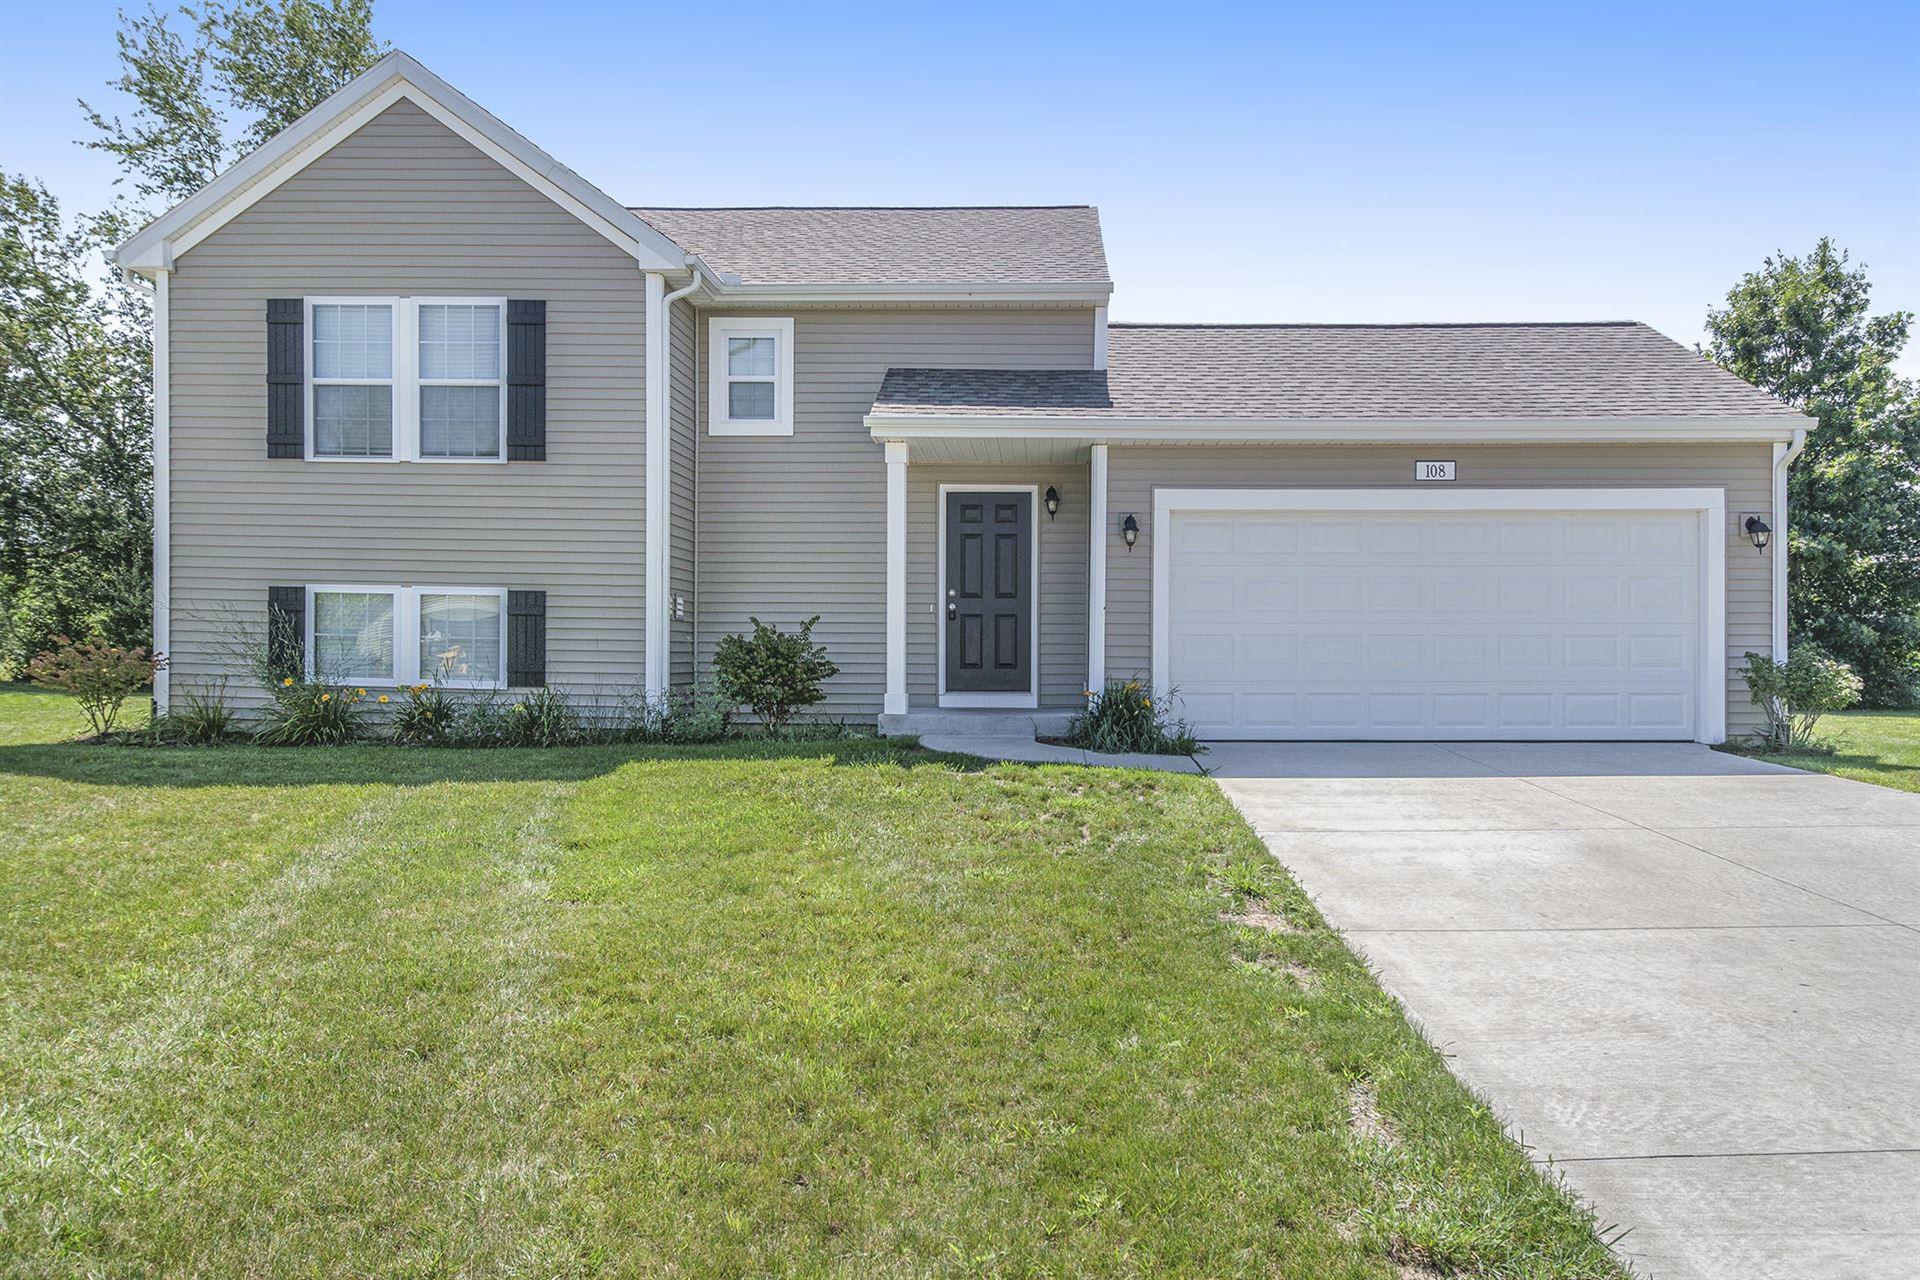 108 Fairmont Avenue, Galesburg, MI 49053 - MLS#: 21101037